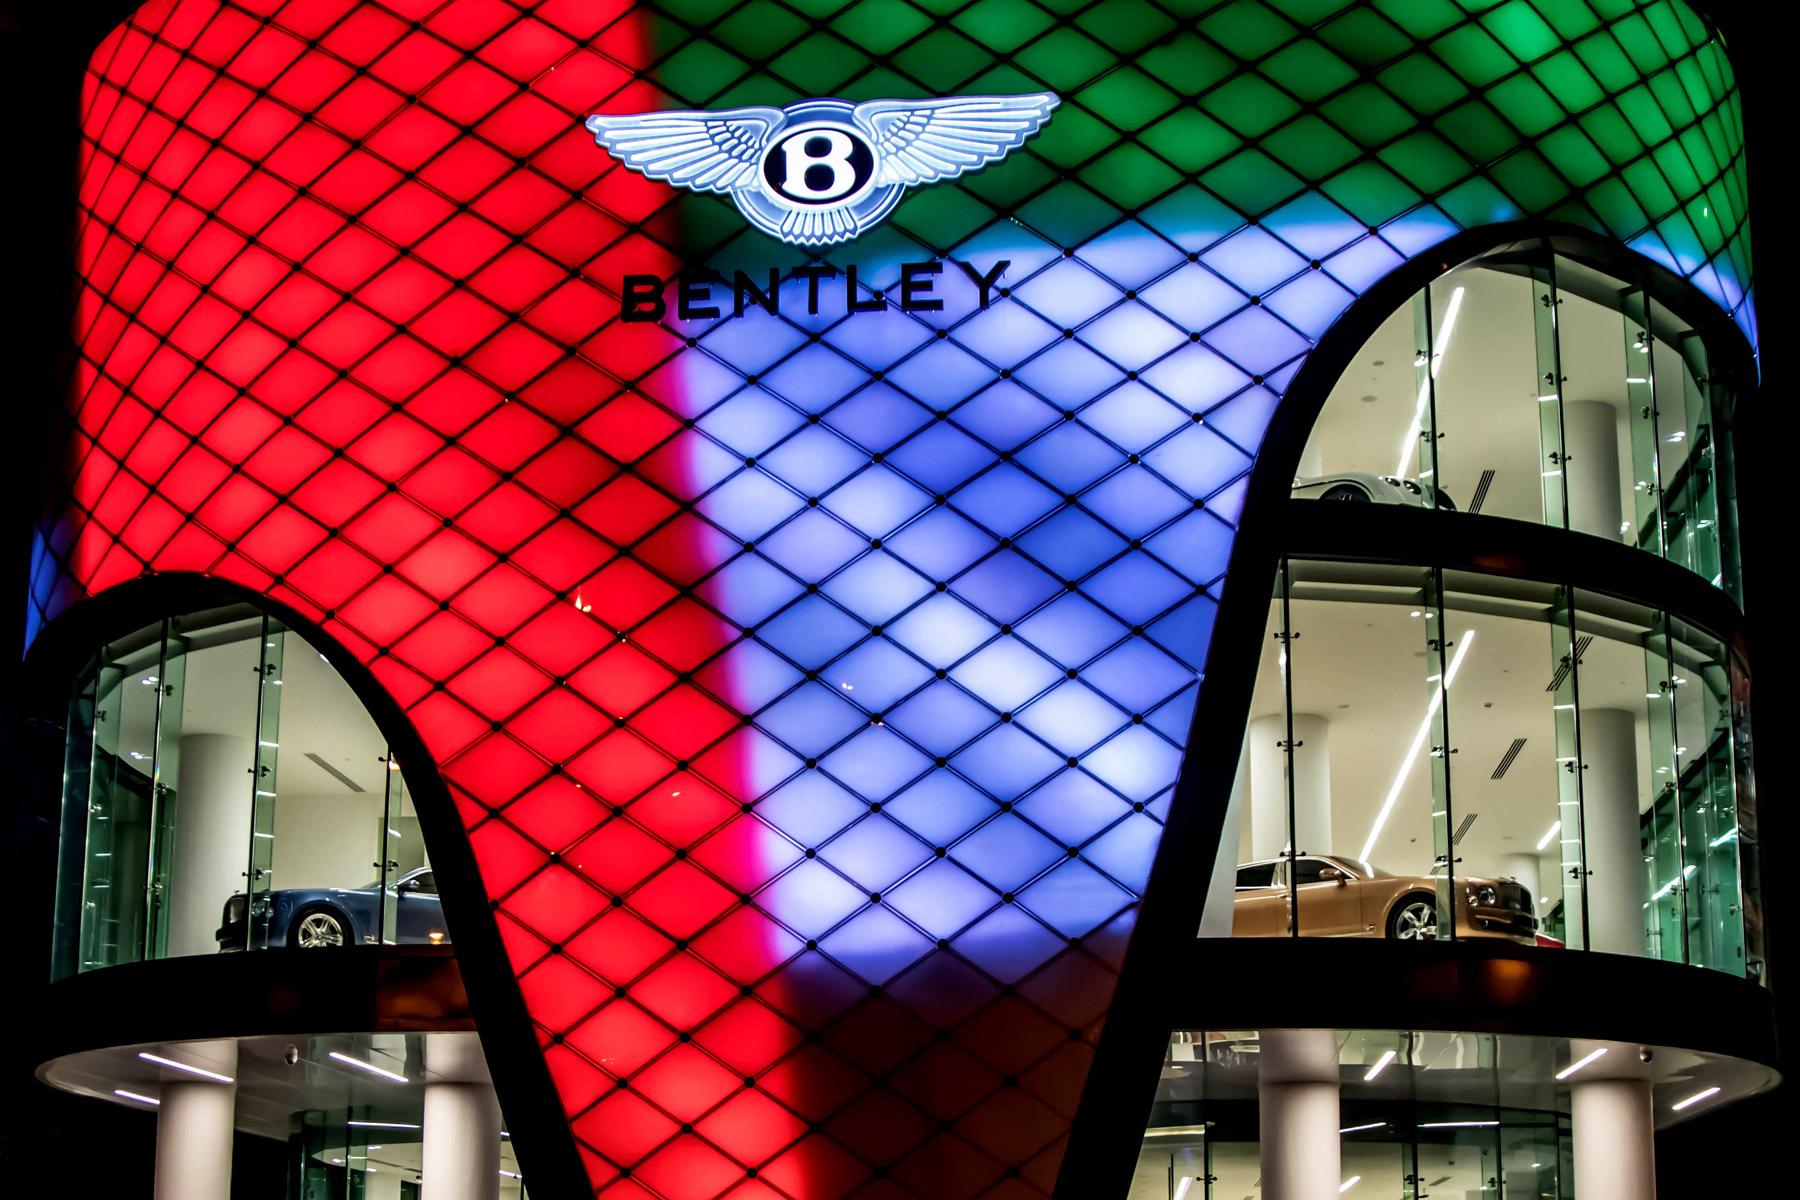 Bentley opens huge six-floor showroom in Dubai